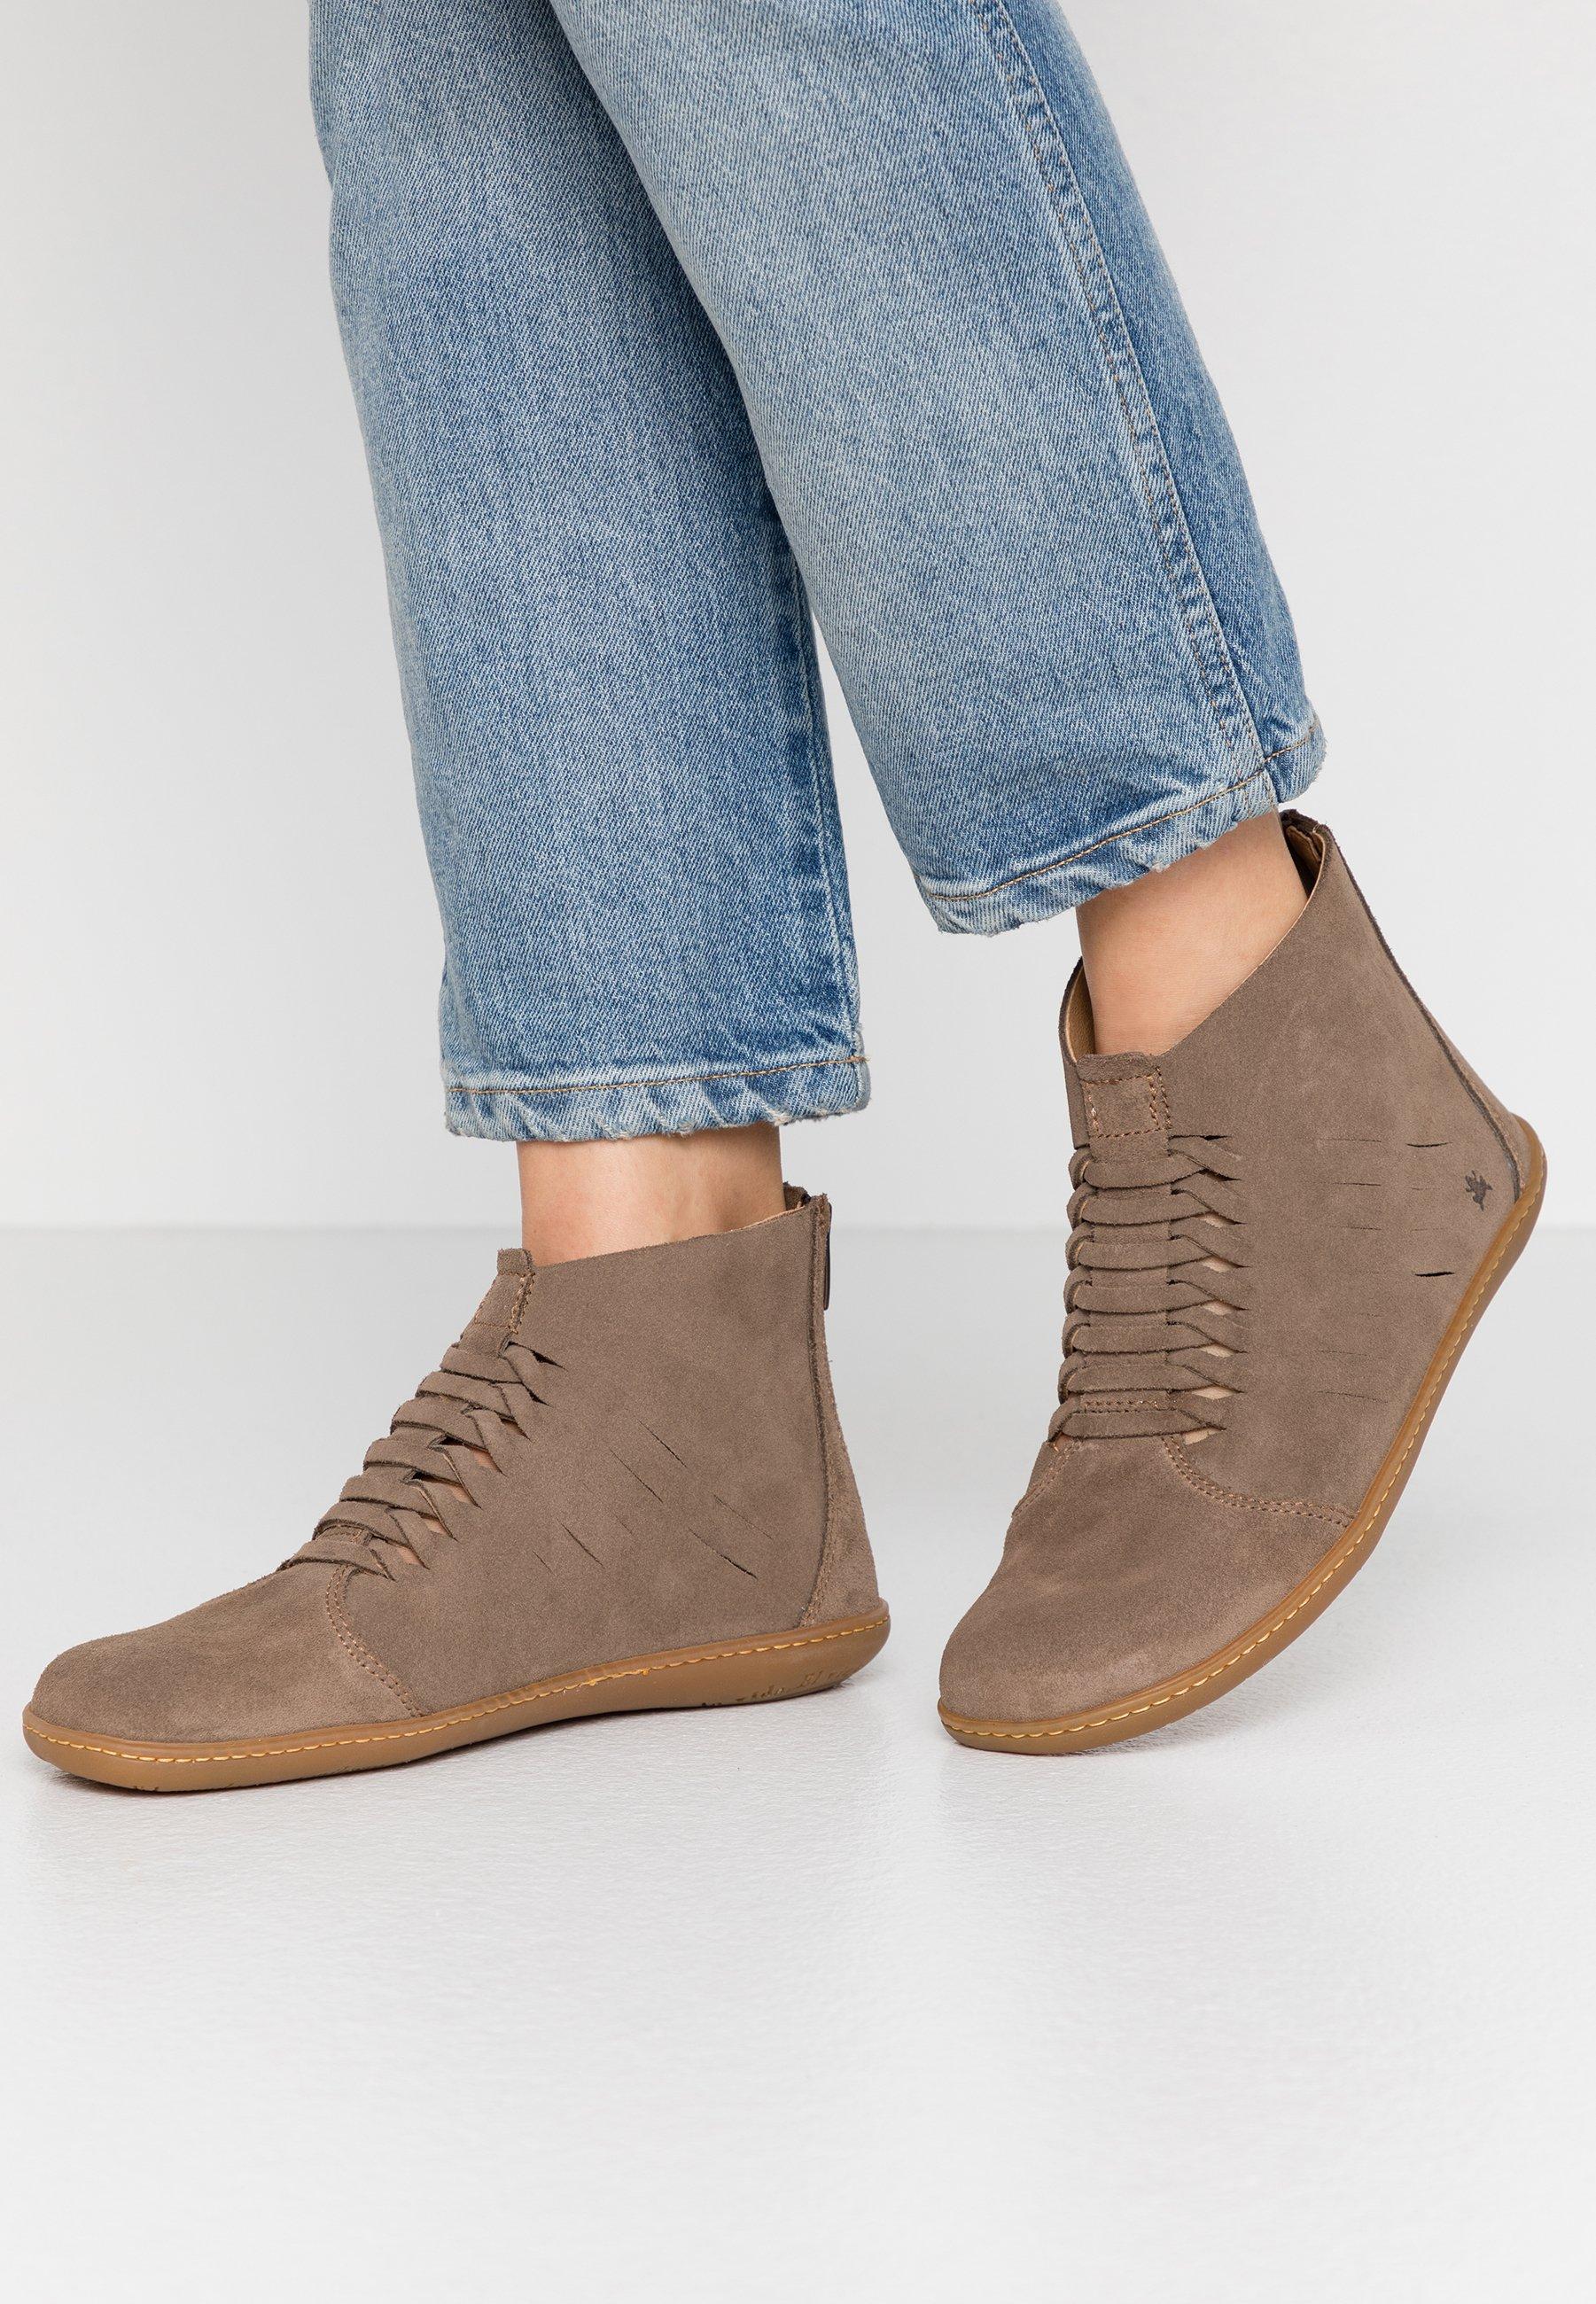 2013 Cheapest El Naturalista EL VIAJERO - Ankle boots - land | women's shoes 2020 tE0bh